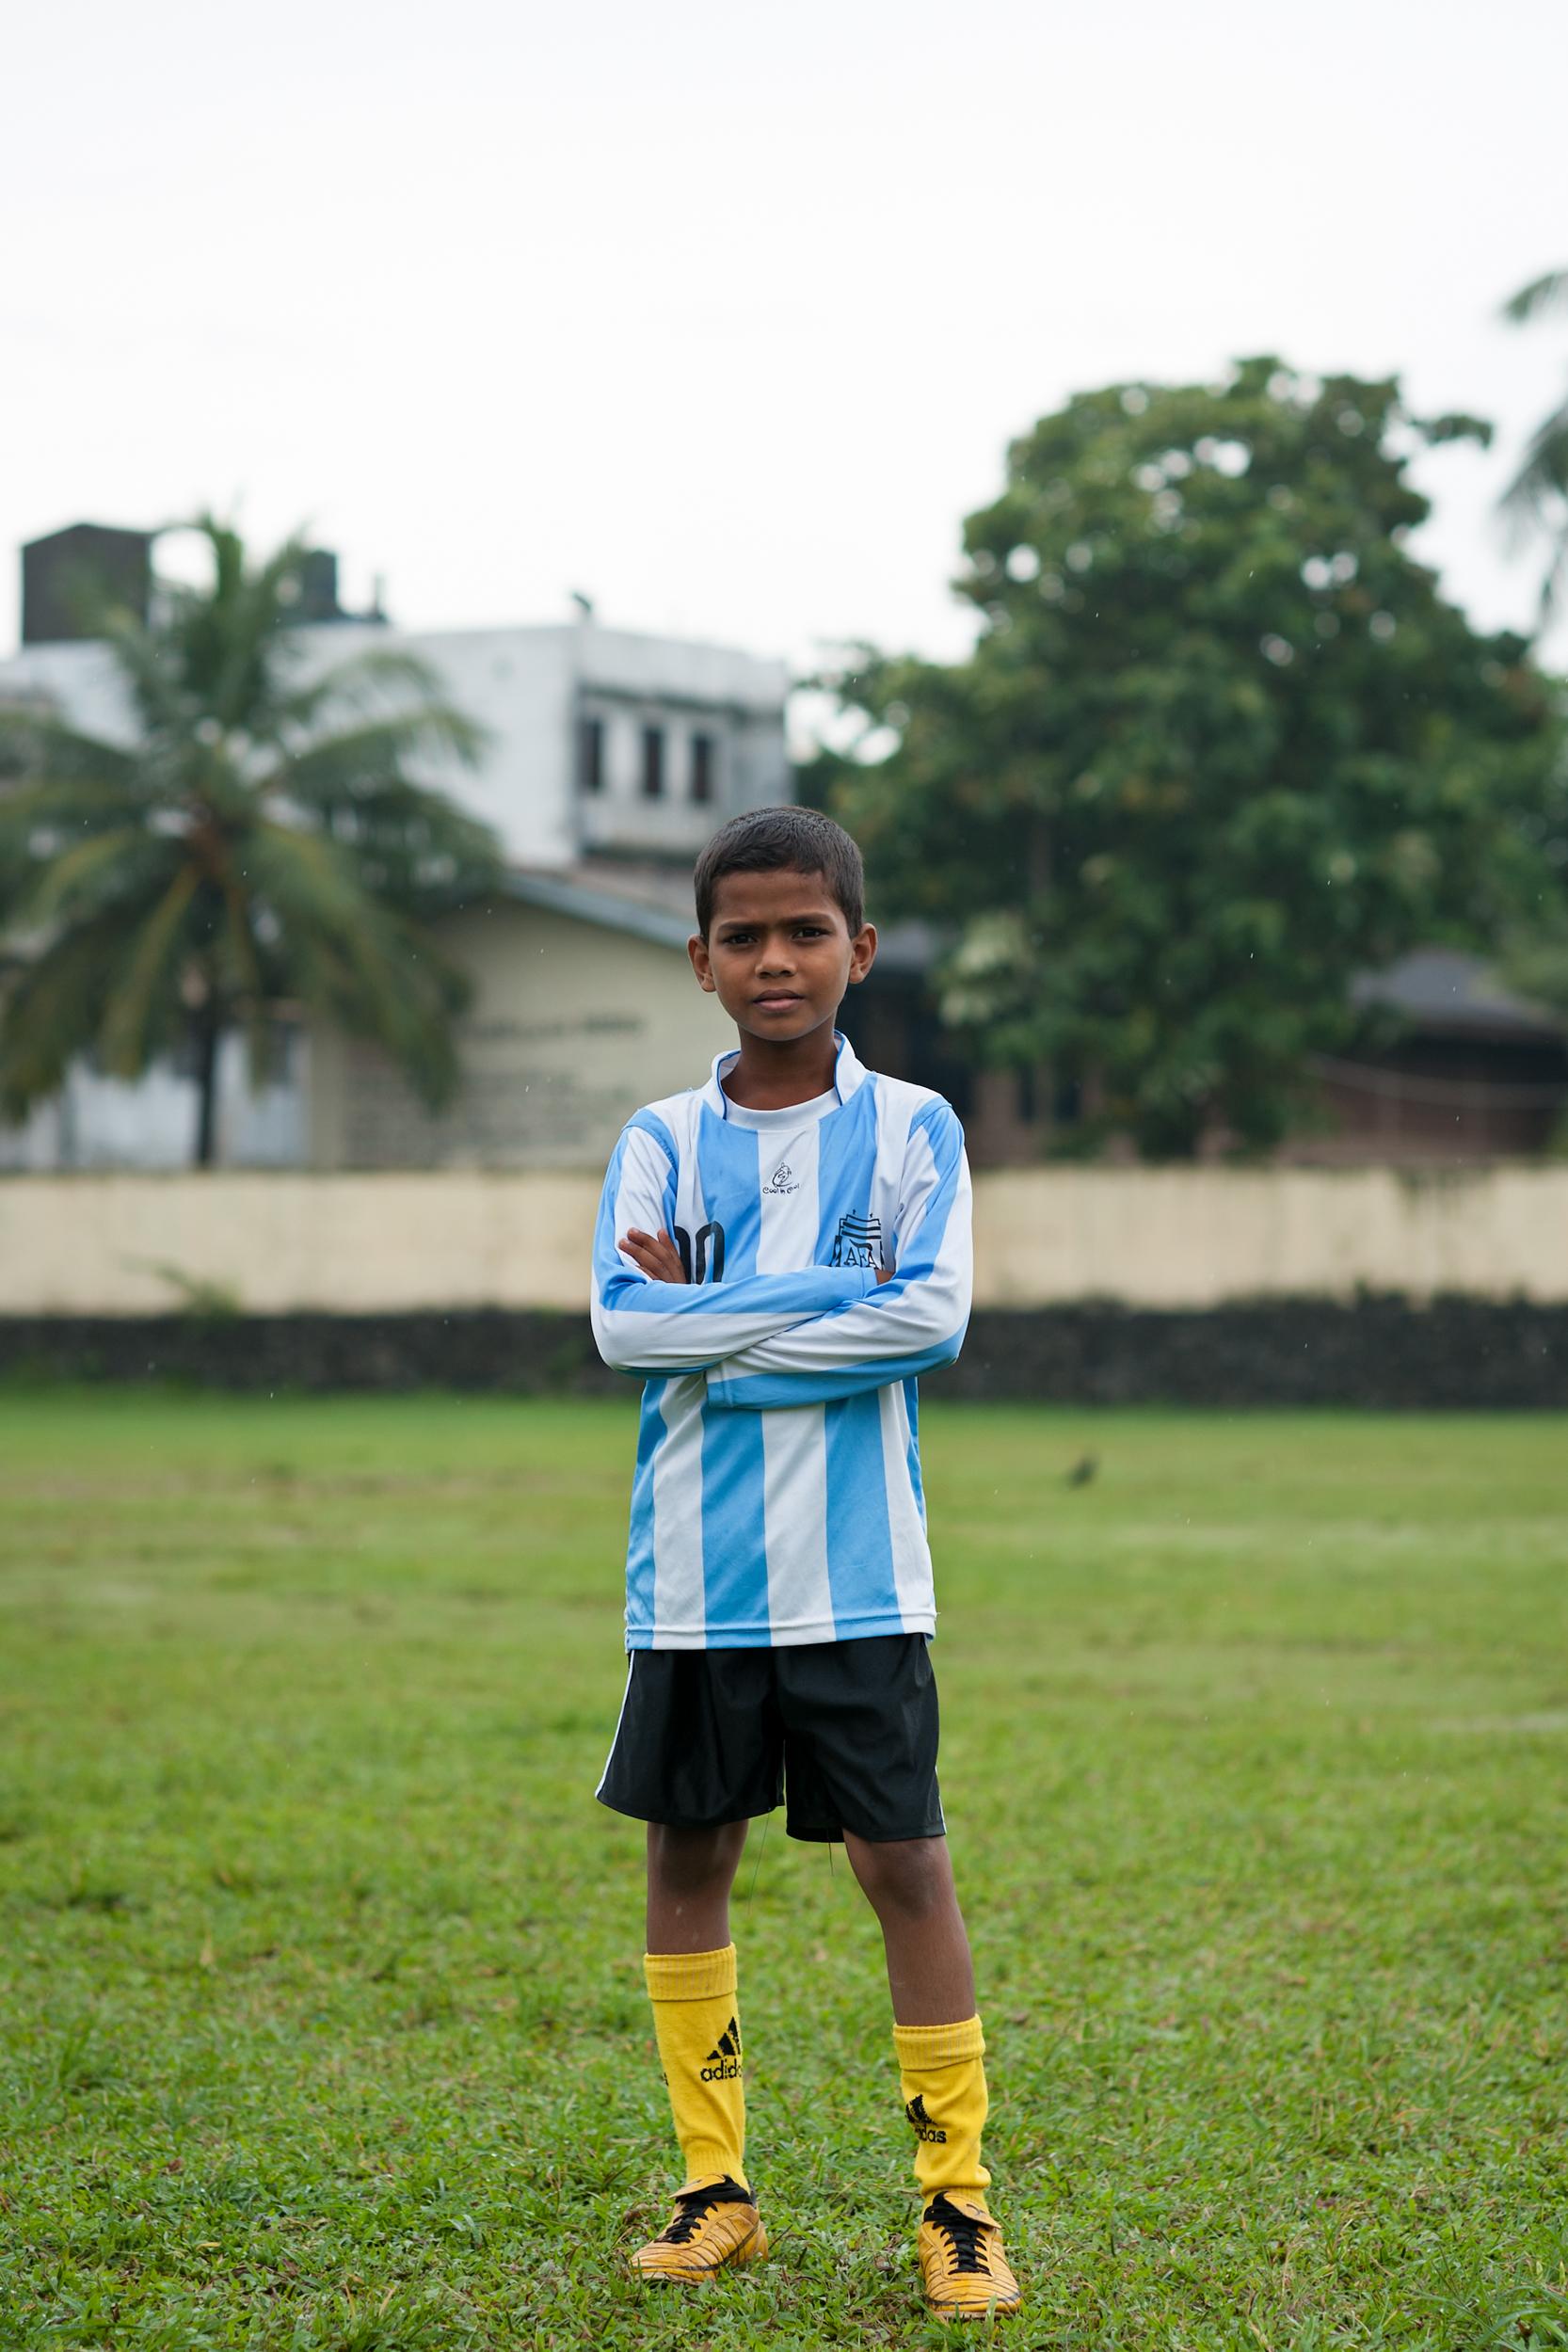 Footballer, Colombo